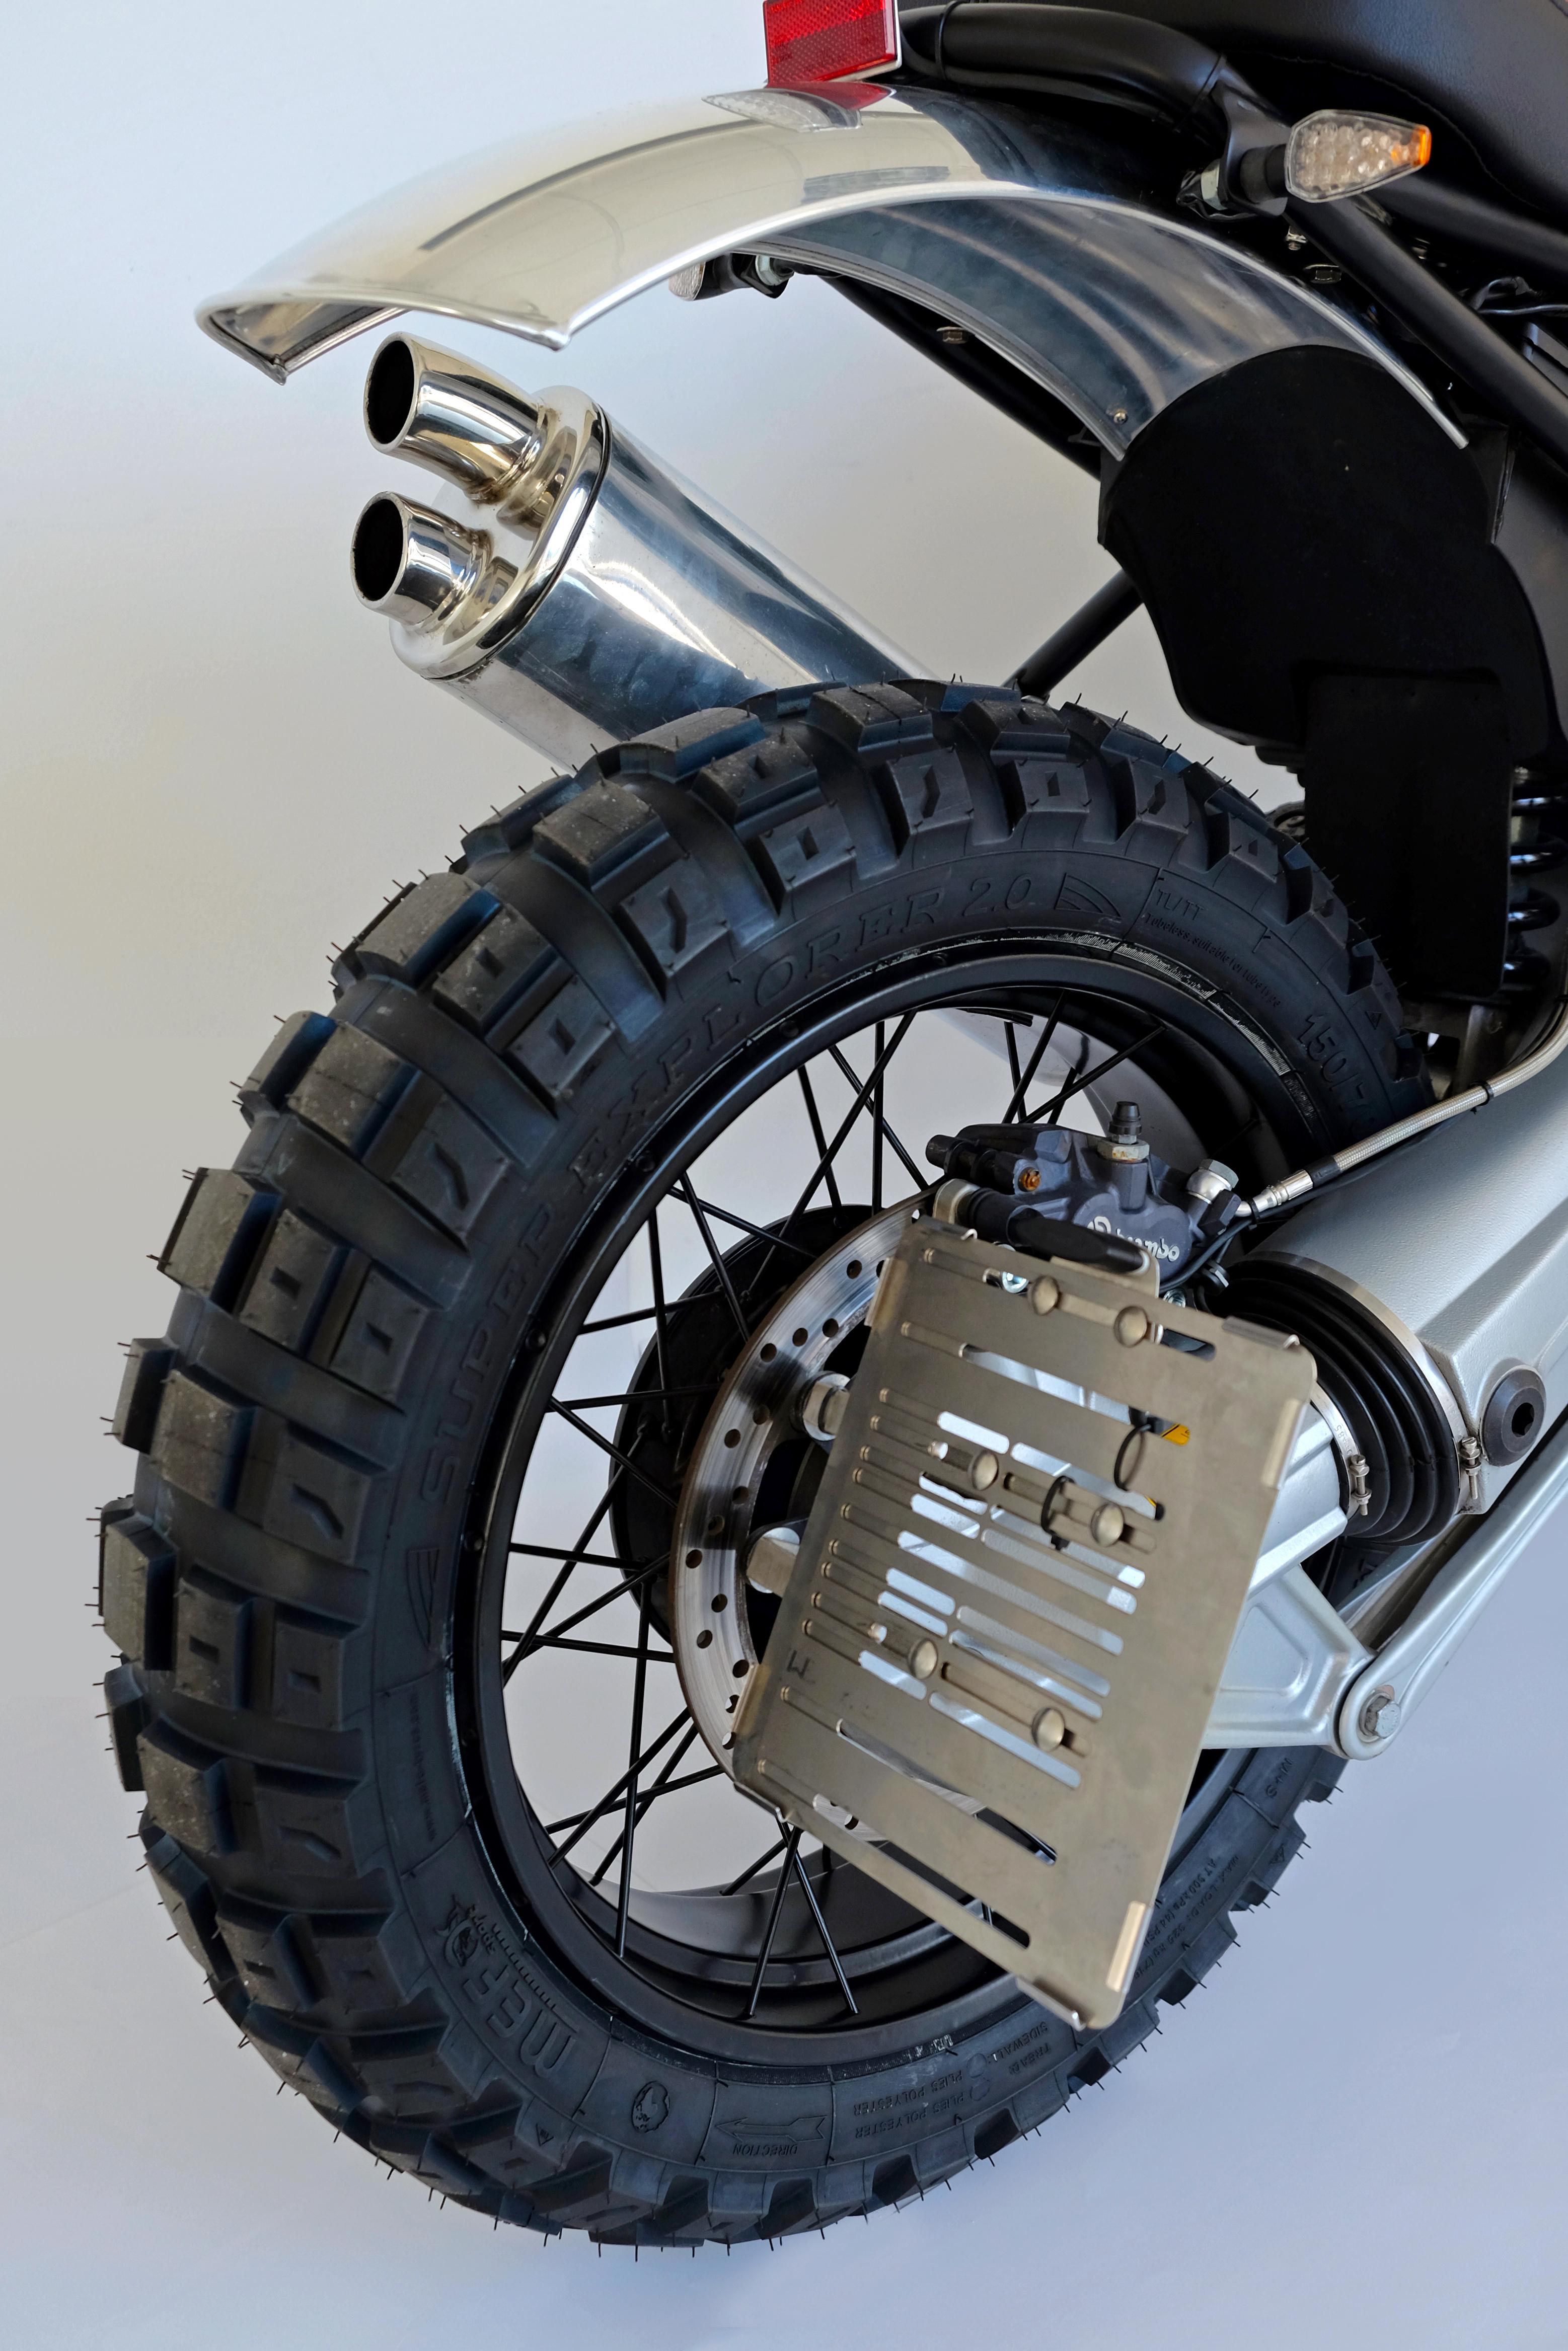 Bmw R1100gs Scrambler Umbau Nach Unserem R1100r Scrambler Vorbild